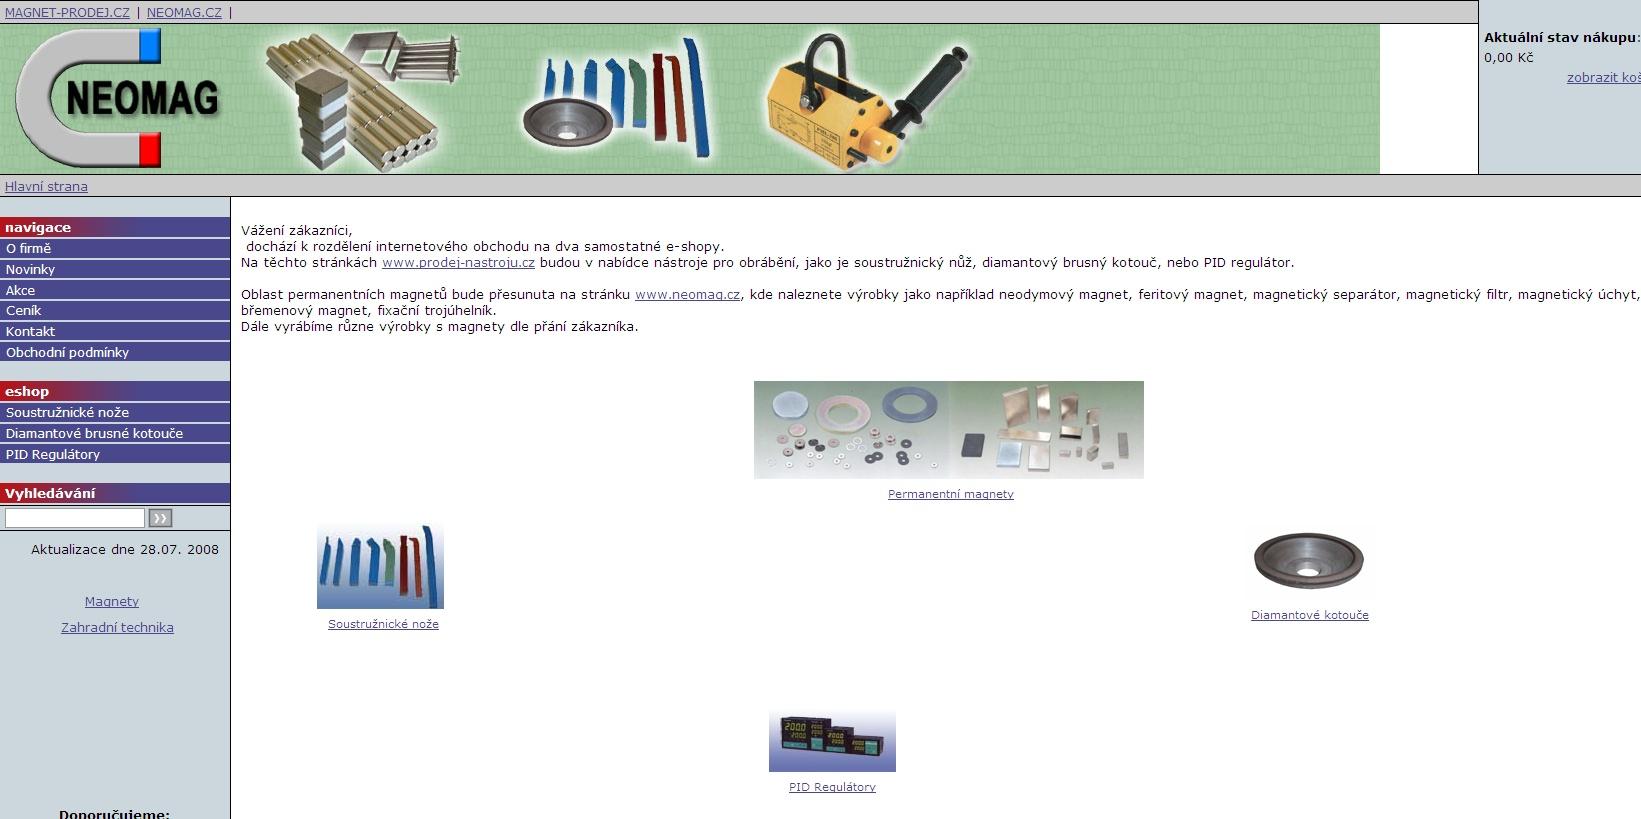 Nabídka nástrojů pro obrábění, jako jsou soustružnické nože, diamantové brusné kotouče, nebo PID regulátory.